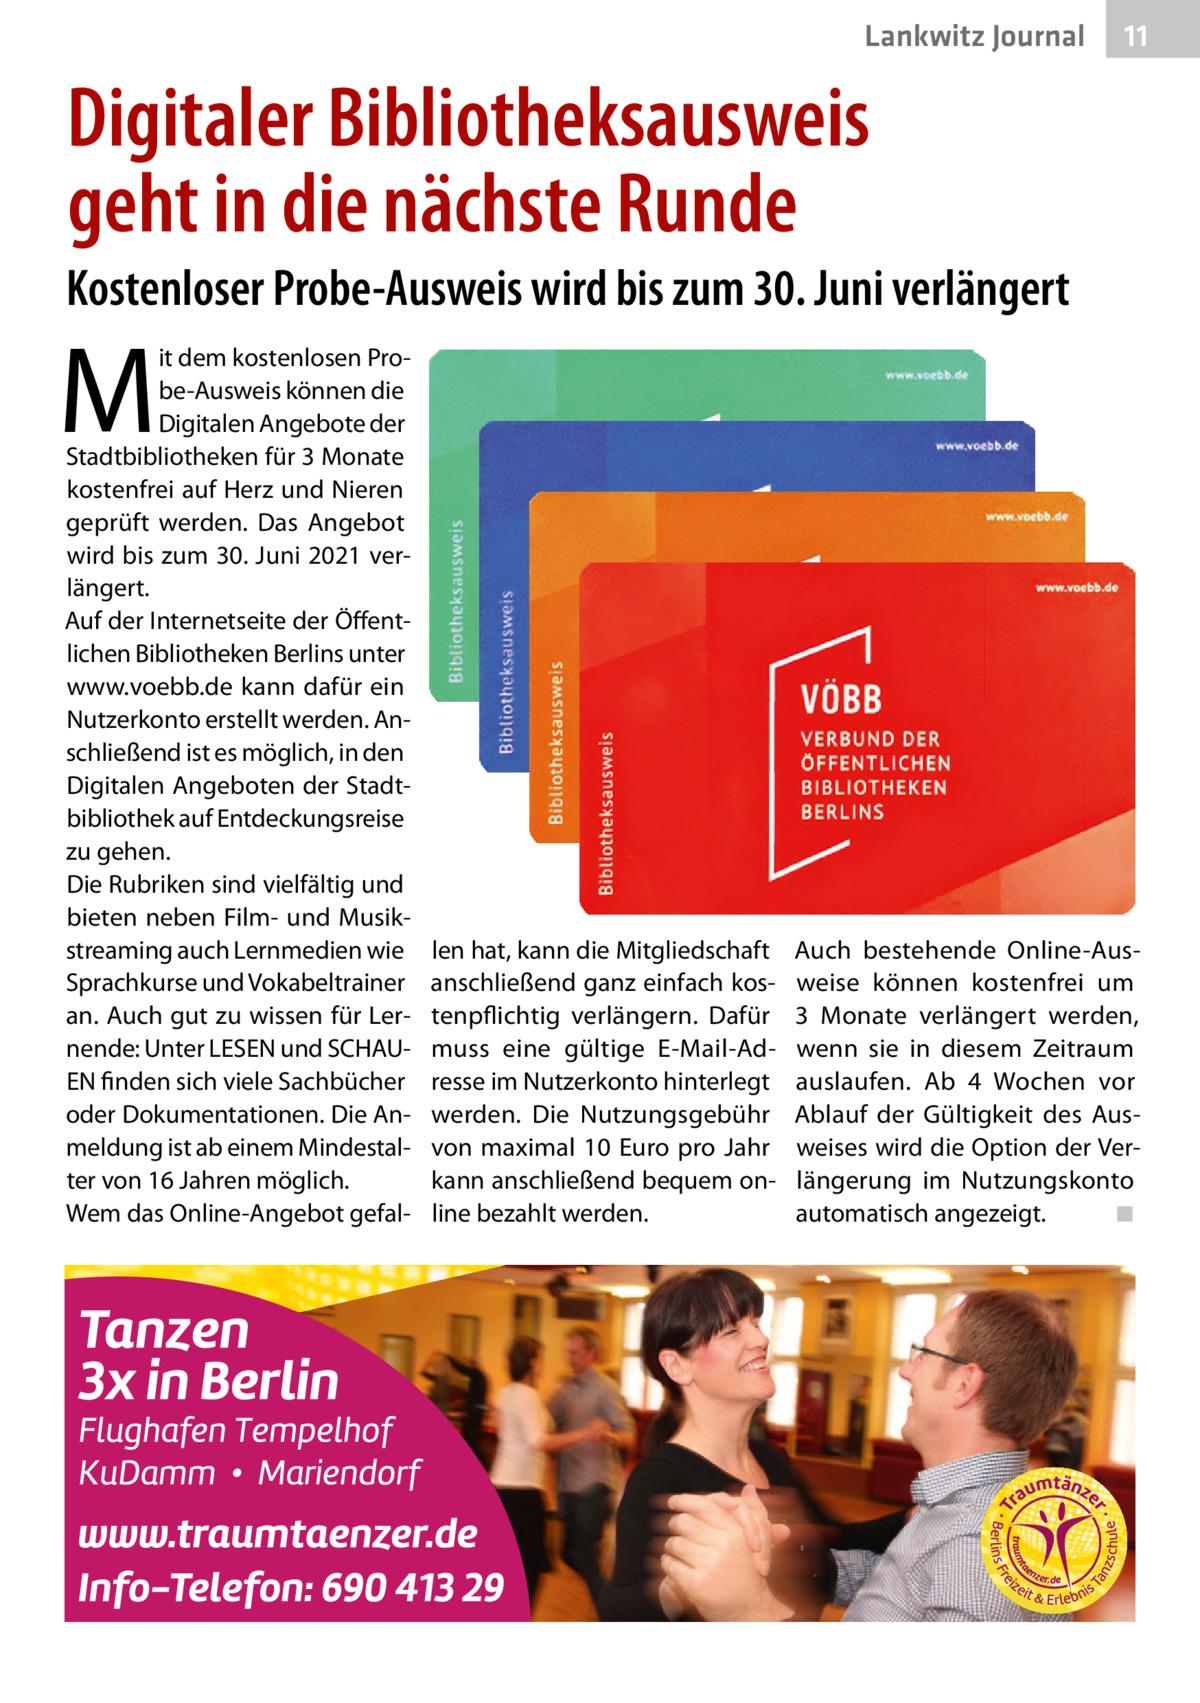 Lankwitz Journal  11  Digitaler Bibliotheksausweis geht in die nächste Runde Kostenloser Probe-Ausweis wird bis zum 30.Juni verlängert  M  it dem kostenlosen Probe-Ausweis können die Digitalen Angebote der Stadtbibliotheken für 3Monate kostenfrei auf Herz und Nieren geprüft werden. Das Angebot wird bis zum 30.Juni 2021 verlängert. Auf der Internetseite der Öffentlichen Bibliotheken Berlins unter www.voebb.de kann dafür ein Nutzerkonto erstellt werden. Anschließend ist es möglich, in den Digitalen Angeboten der Stadtbibliothek auf Entdeckungsreise zu gehen. Die Rubriken sind vielfältig und bieten neben Film- und Musikstreaming auch Lernmedien wie Sprachkurse und Vokabeltrainer an. Auch gut zu wissen für Lernende: Unter LESEN und SCHAUEN finden sich viele Sachbücher oder Dokumentationen. Die Anmeldung ist ab einem Mindestalter von 16Jahren möglich. Wem das Online-Angebot gefal len hat, kann die Mitgliedschaft anschließend ganz einfach kostenpflichtig verlängern. Dafür muss eine gültige E-Mail-Adresse im Nutzerkonto hinterlegt werden. Die Nutzungsgebühr von maximal 10 Euro pro Jahr kann anschließend bequem online bezahlt werden.  Auch bestehende Online-Ausweise können kostenfrei um 3 Monate verlängert werden, wenn sie in diesem Zeitraum auslaufen. Ab 4 Wochen vor Ablauf der Gültigkeit des Ausweises wird die Option der Verlängerung im Nutzungskonto automatisch angezeigt. ◾